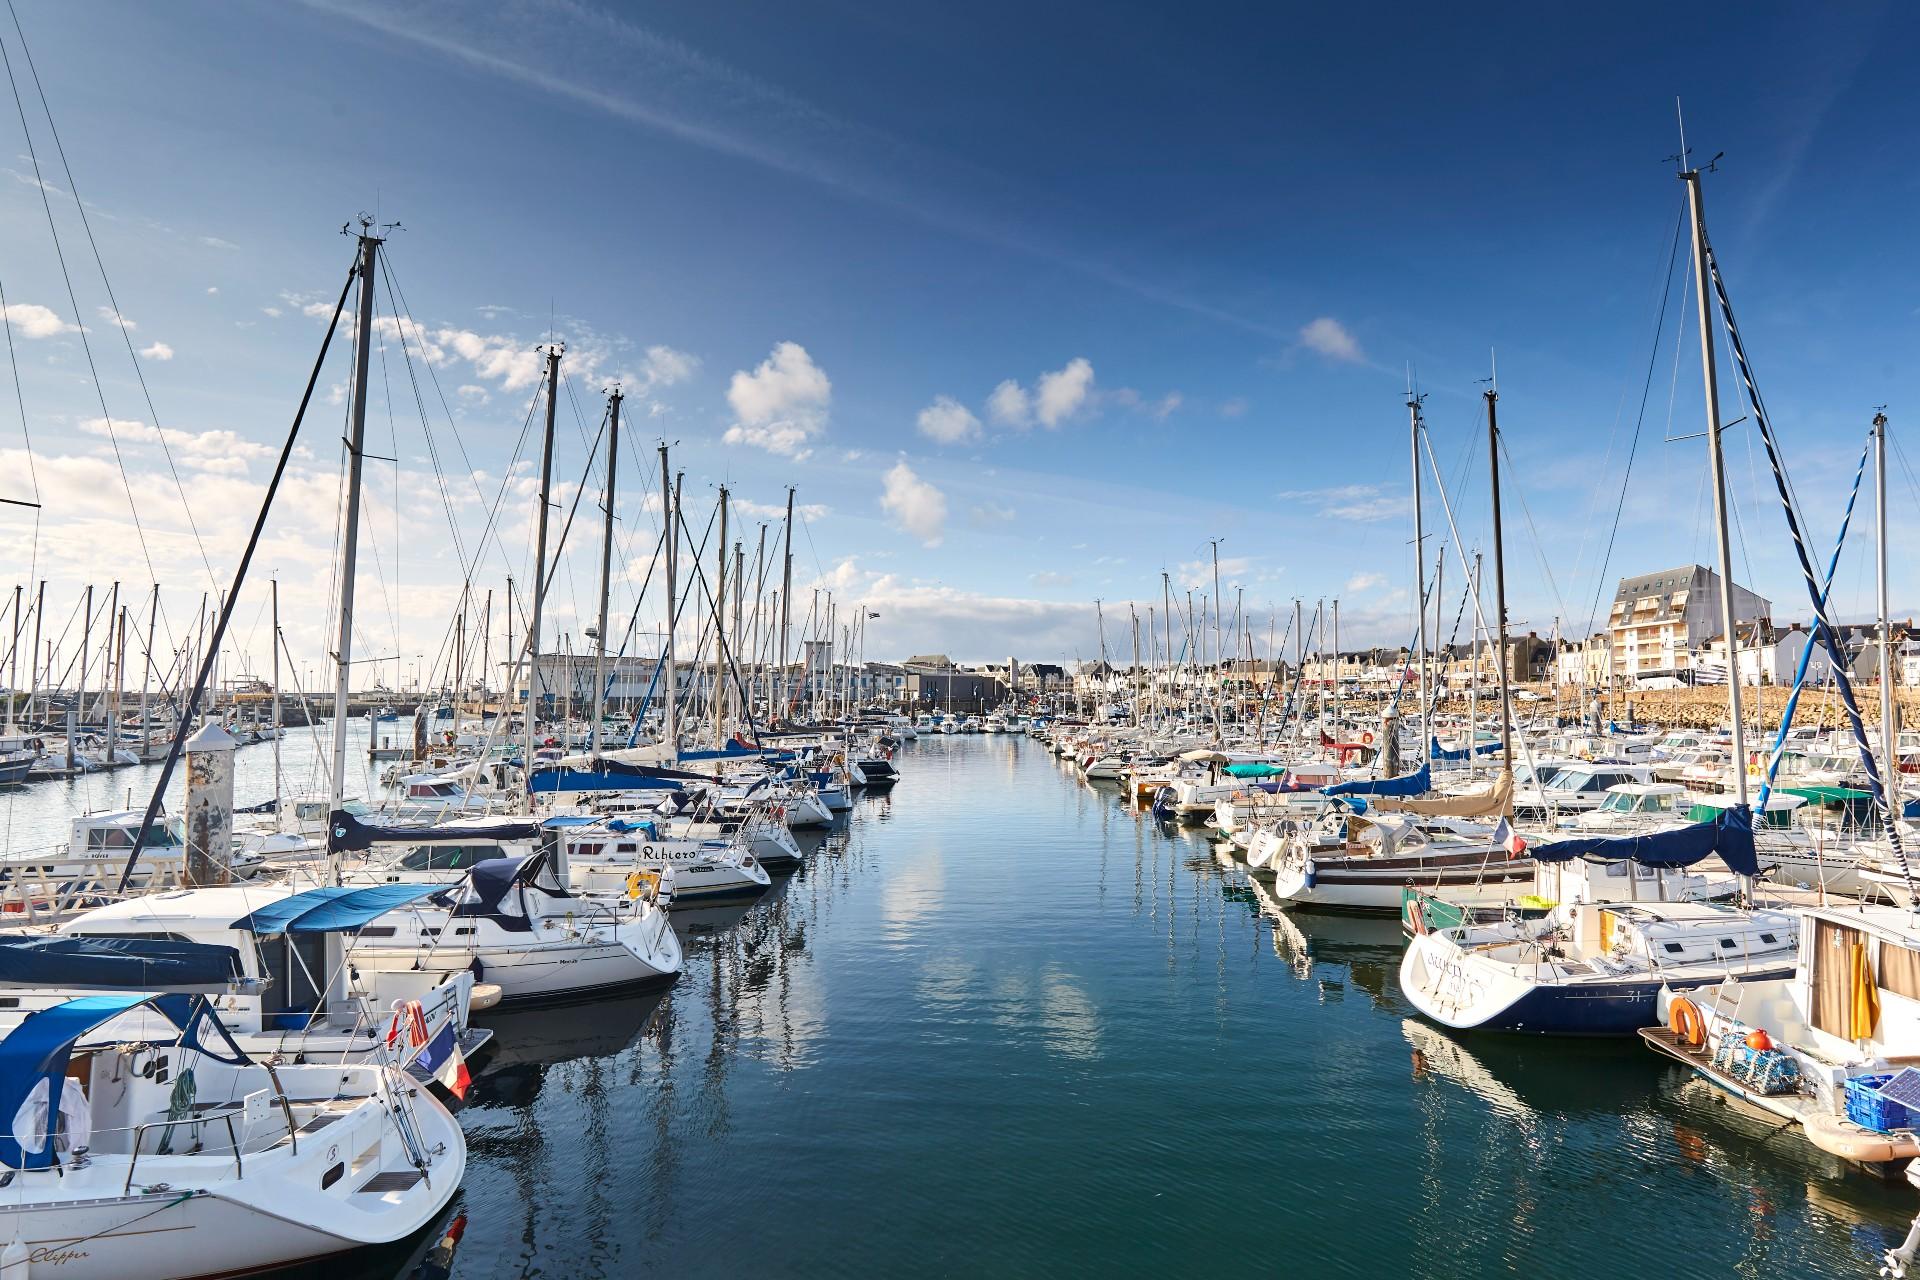 Port de plaisance de La Turballe - © Alexandre Lamoureux